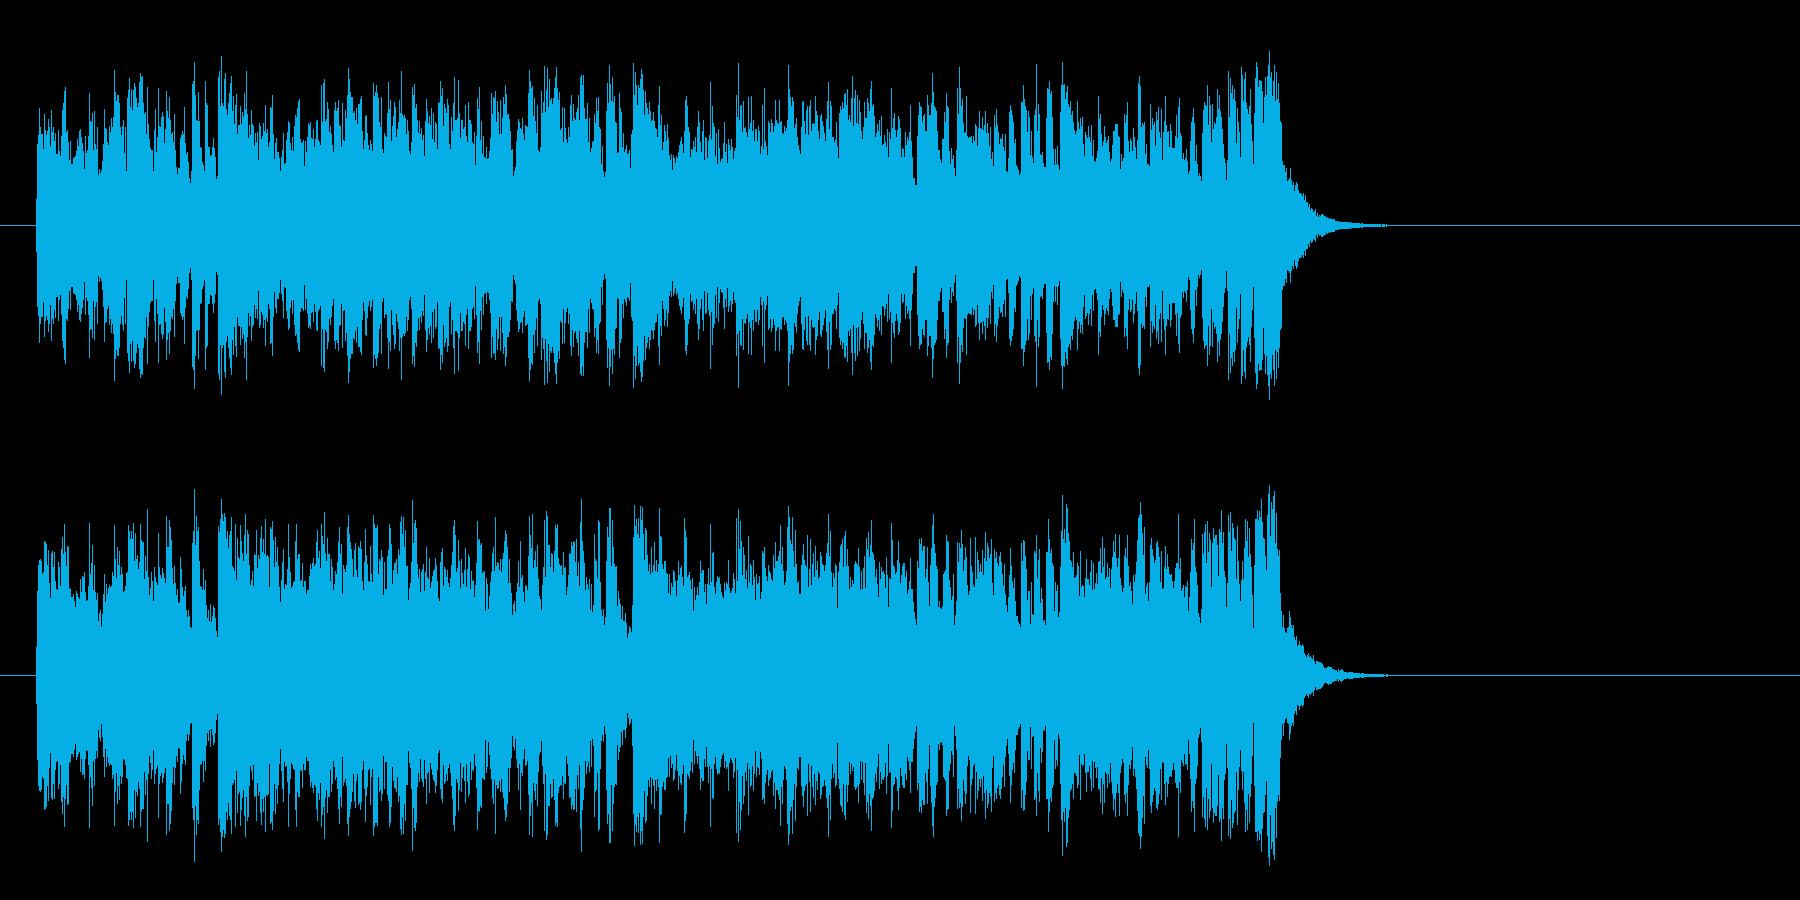 ハツラツな8ビートポップ(イントロ)の再生済みの波形